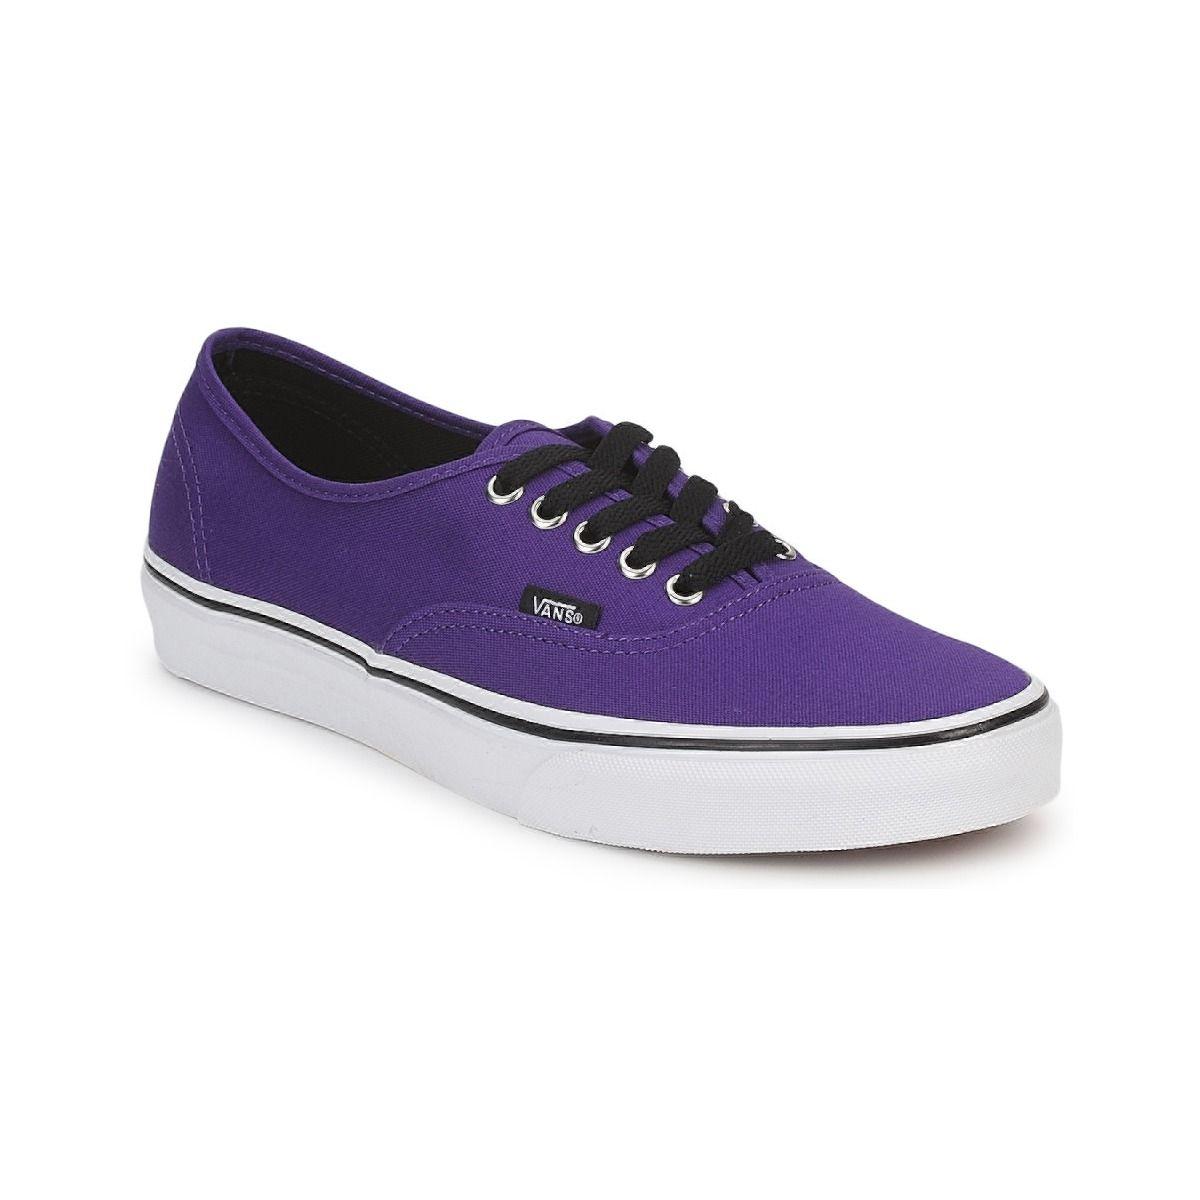 c6180262d18 Lage sneakers Vans AUTHENTIC Violet - Gratis levering bij Spartoo.nl ! -  Schoenen € 52,07